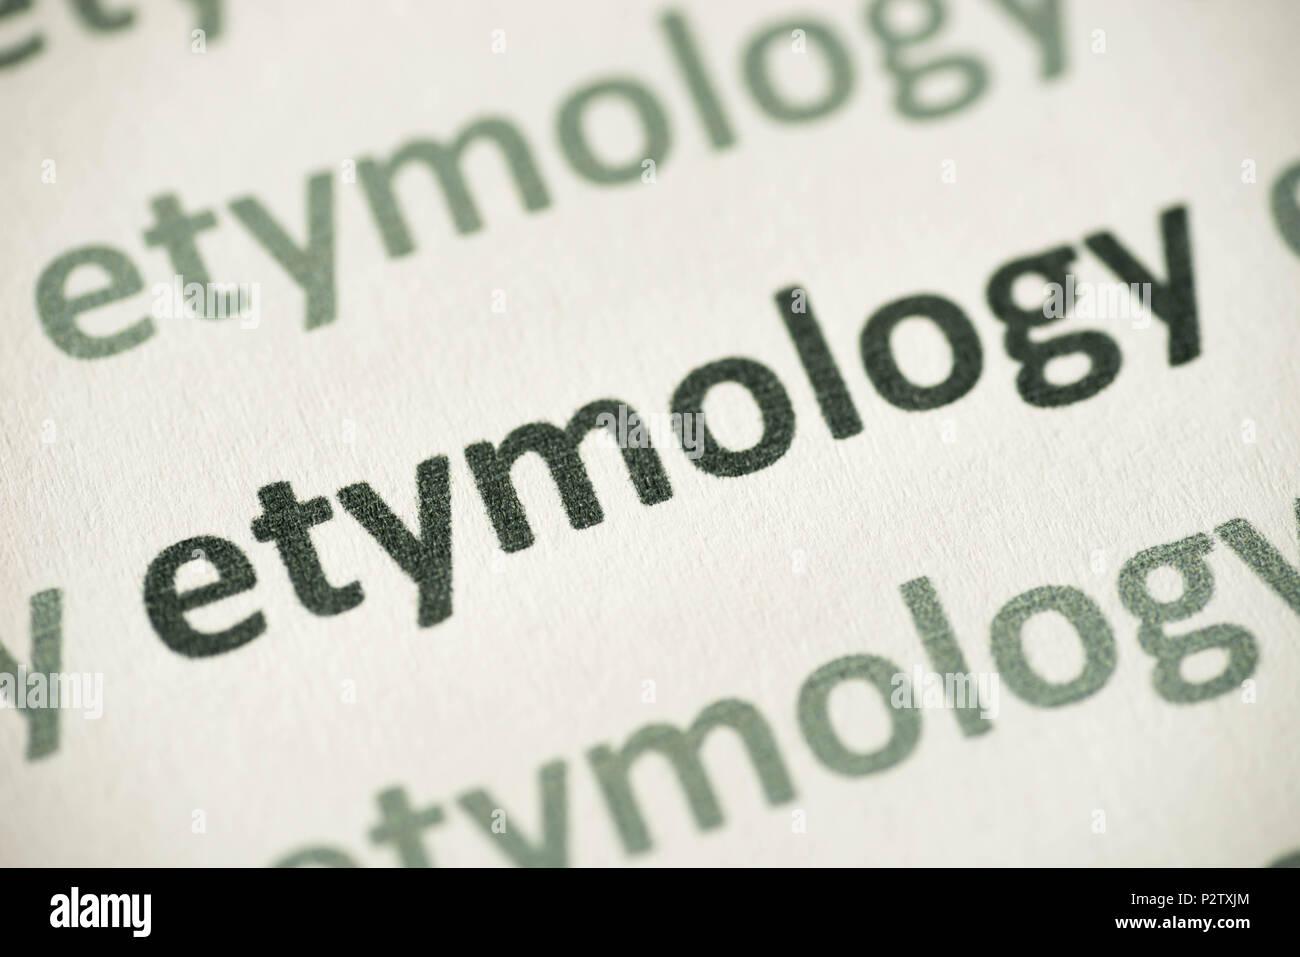 Wort Etymologie auf weißem Papier Makro gedruckt Stockbild